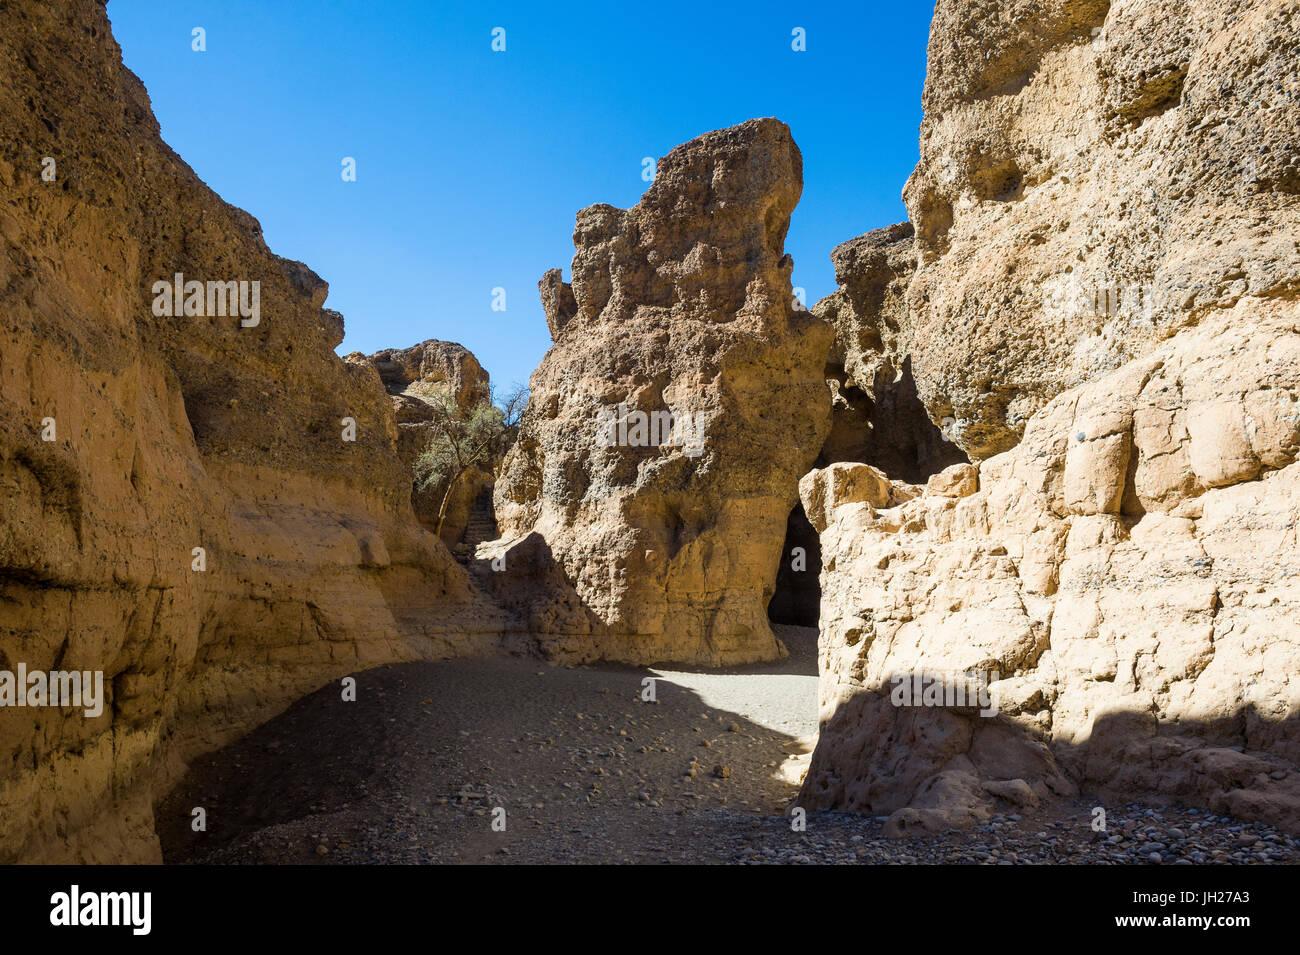 Sesriem Canyon, Namib-Naukluft National Park, Namibia, Africa - Stock Image